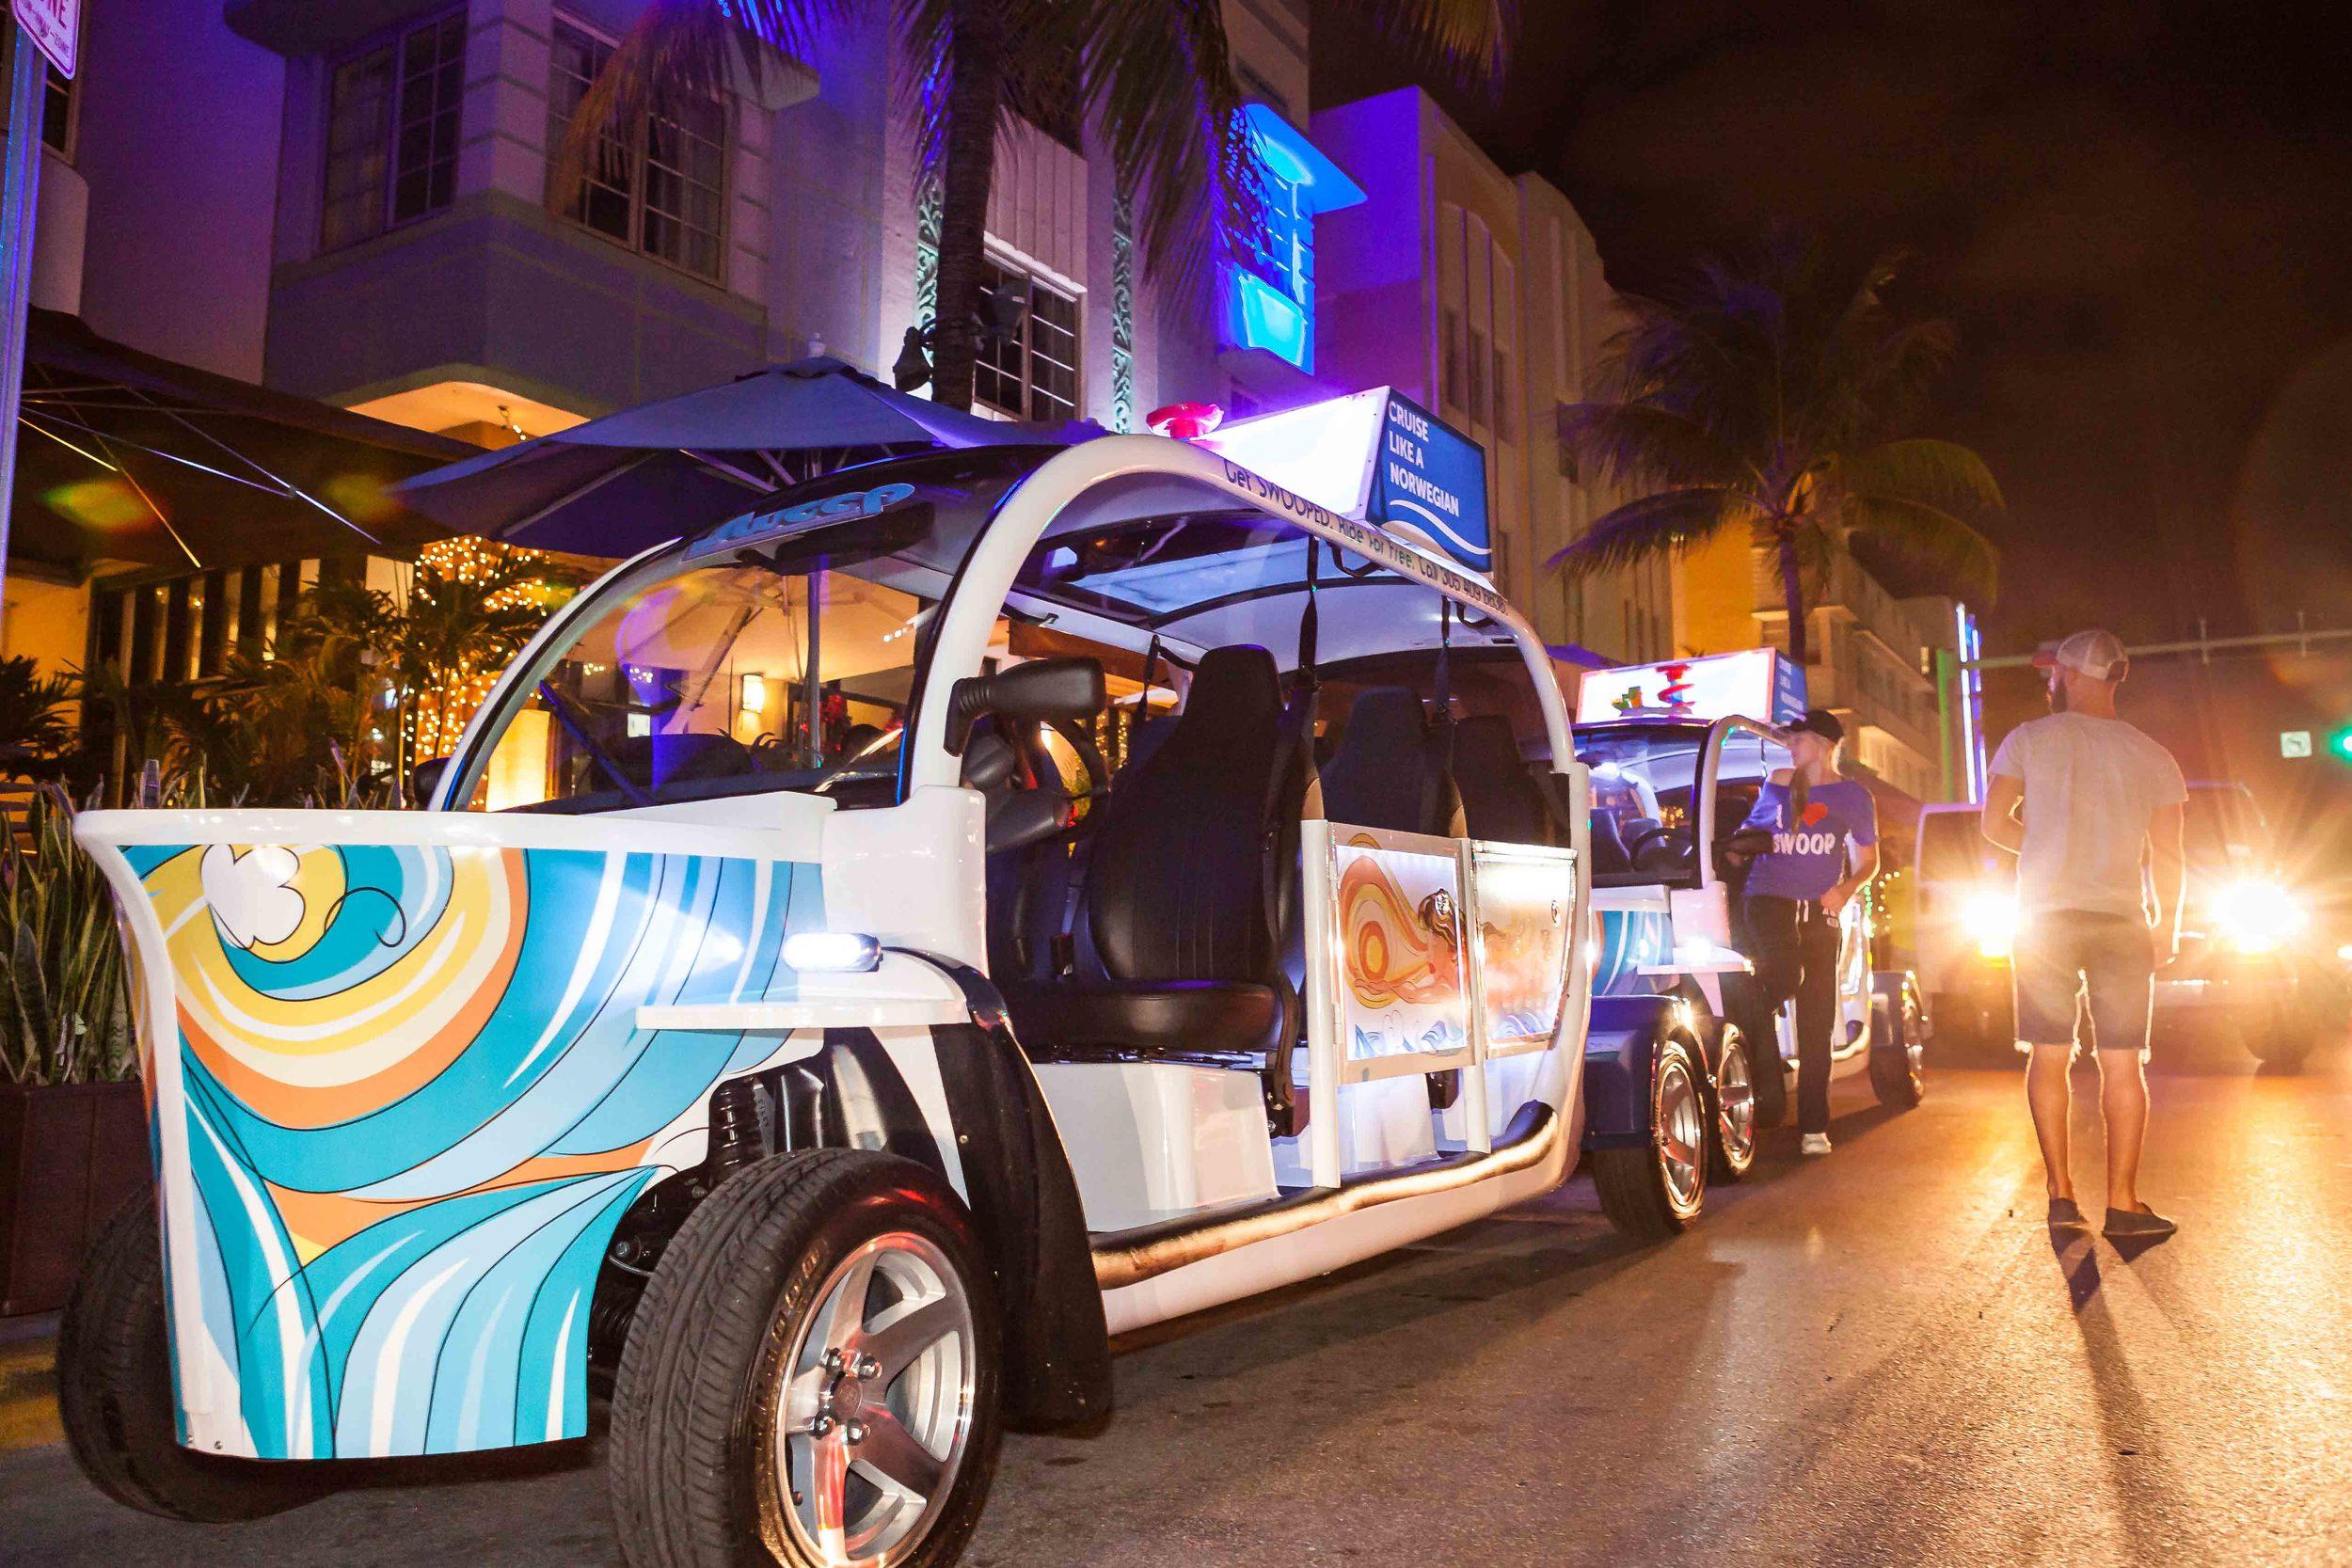 Swoop_Miami-2013-12-21-4007.jpg